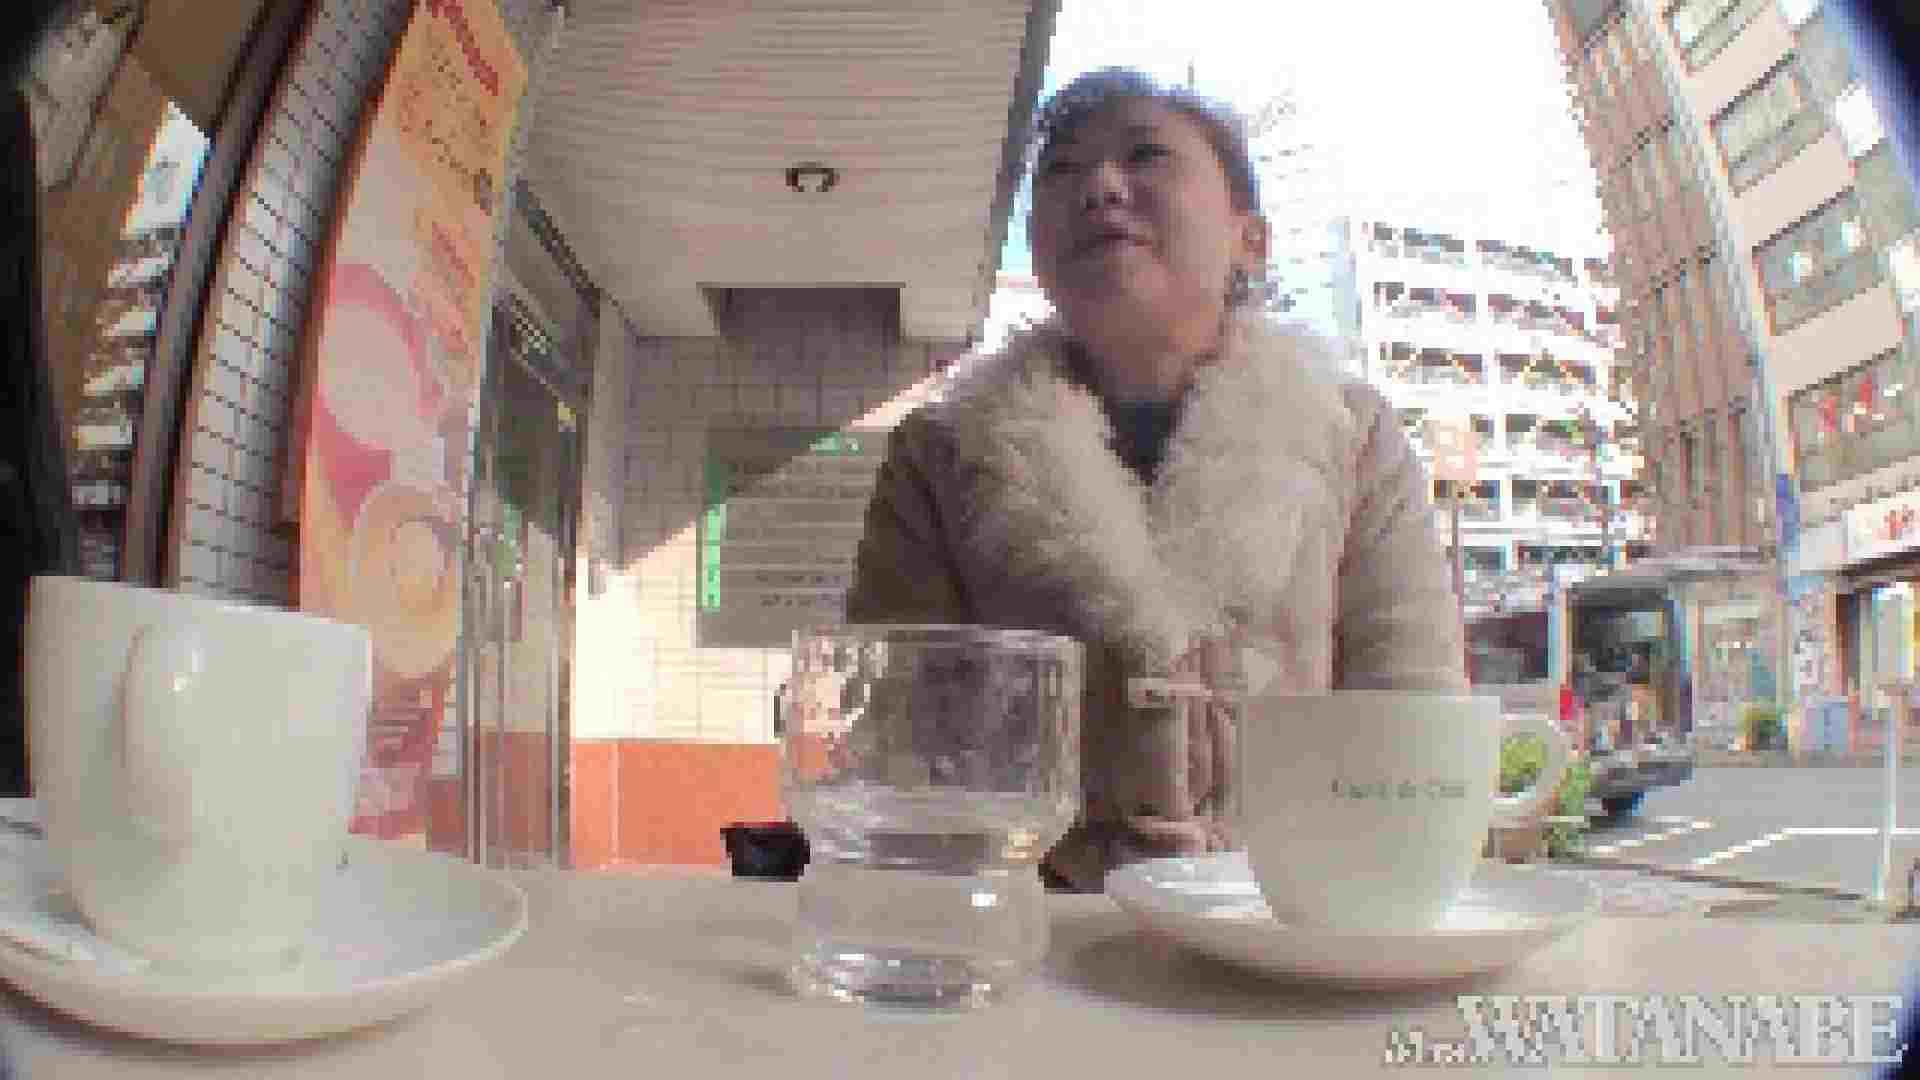 撮影スタッフを誘惑する痴熟女 かおり40歳 Vol.01 素人 | HなOL  67pic 1